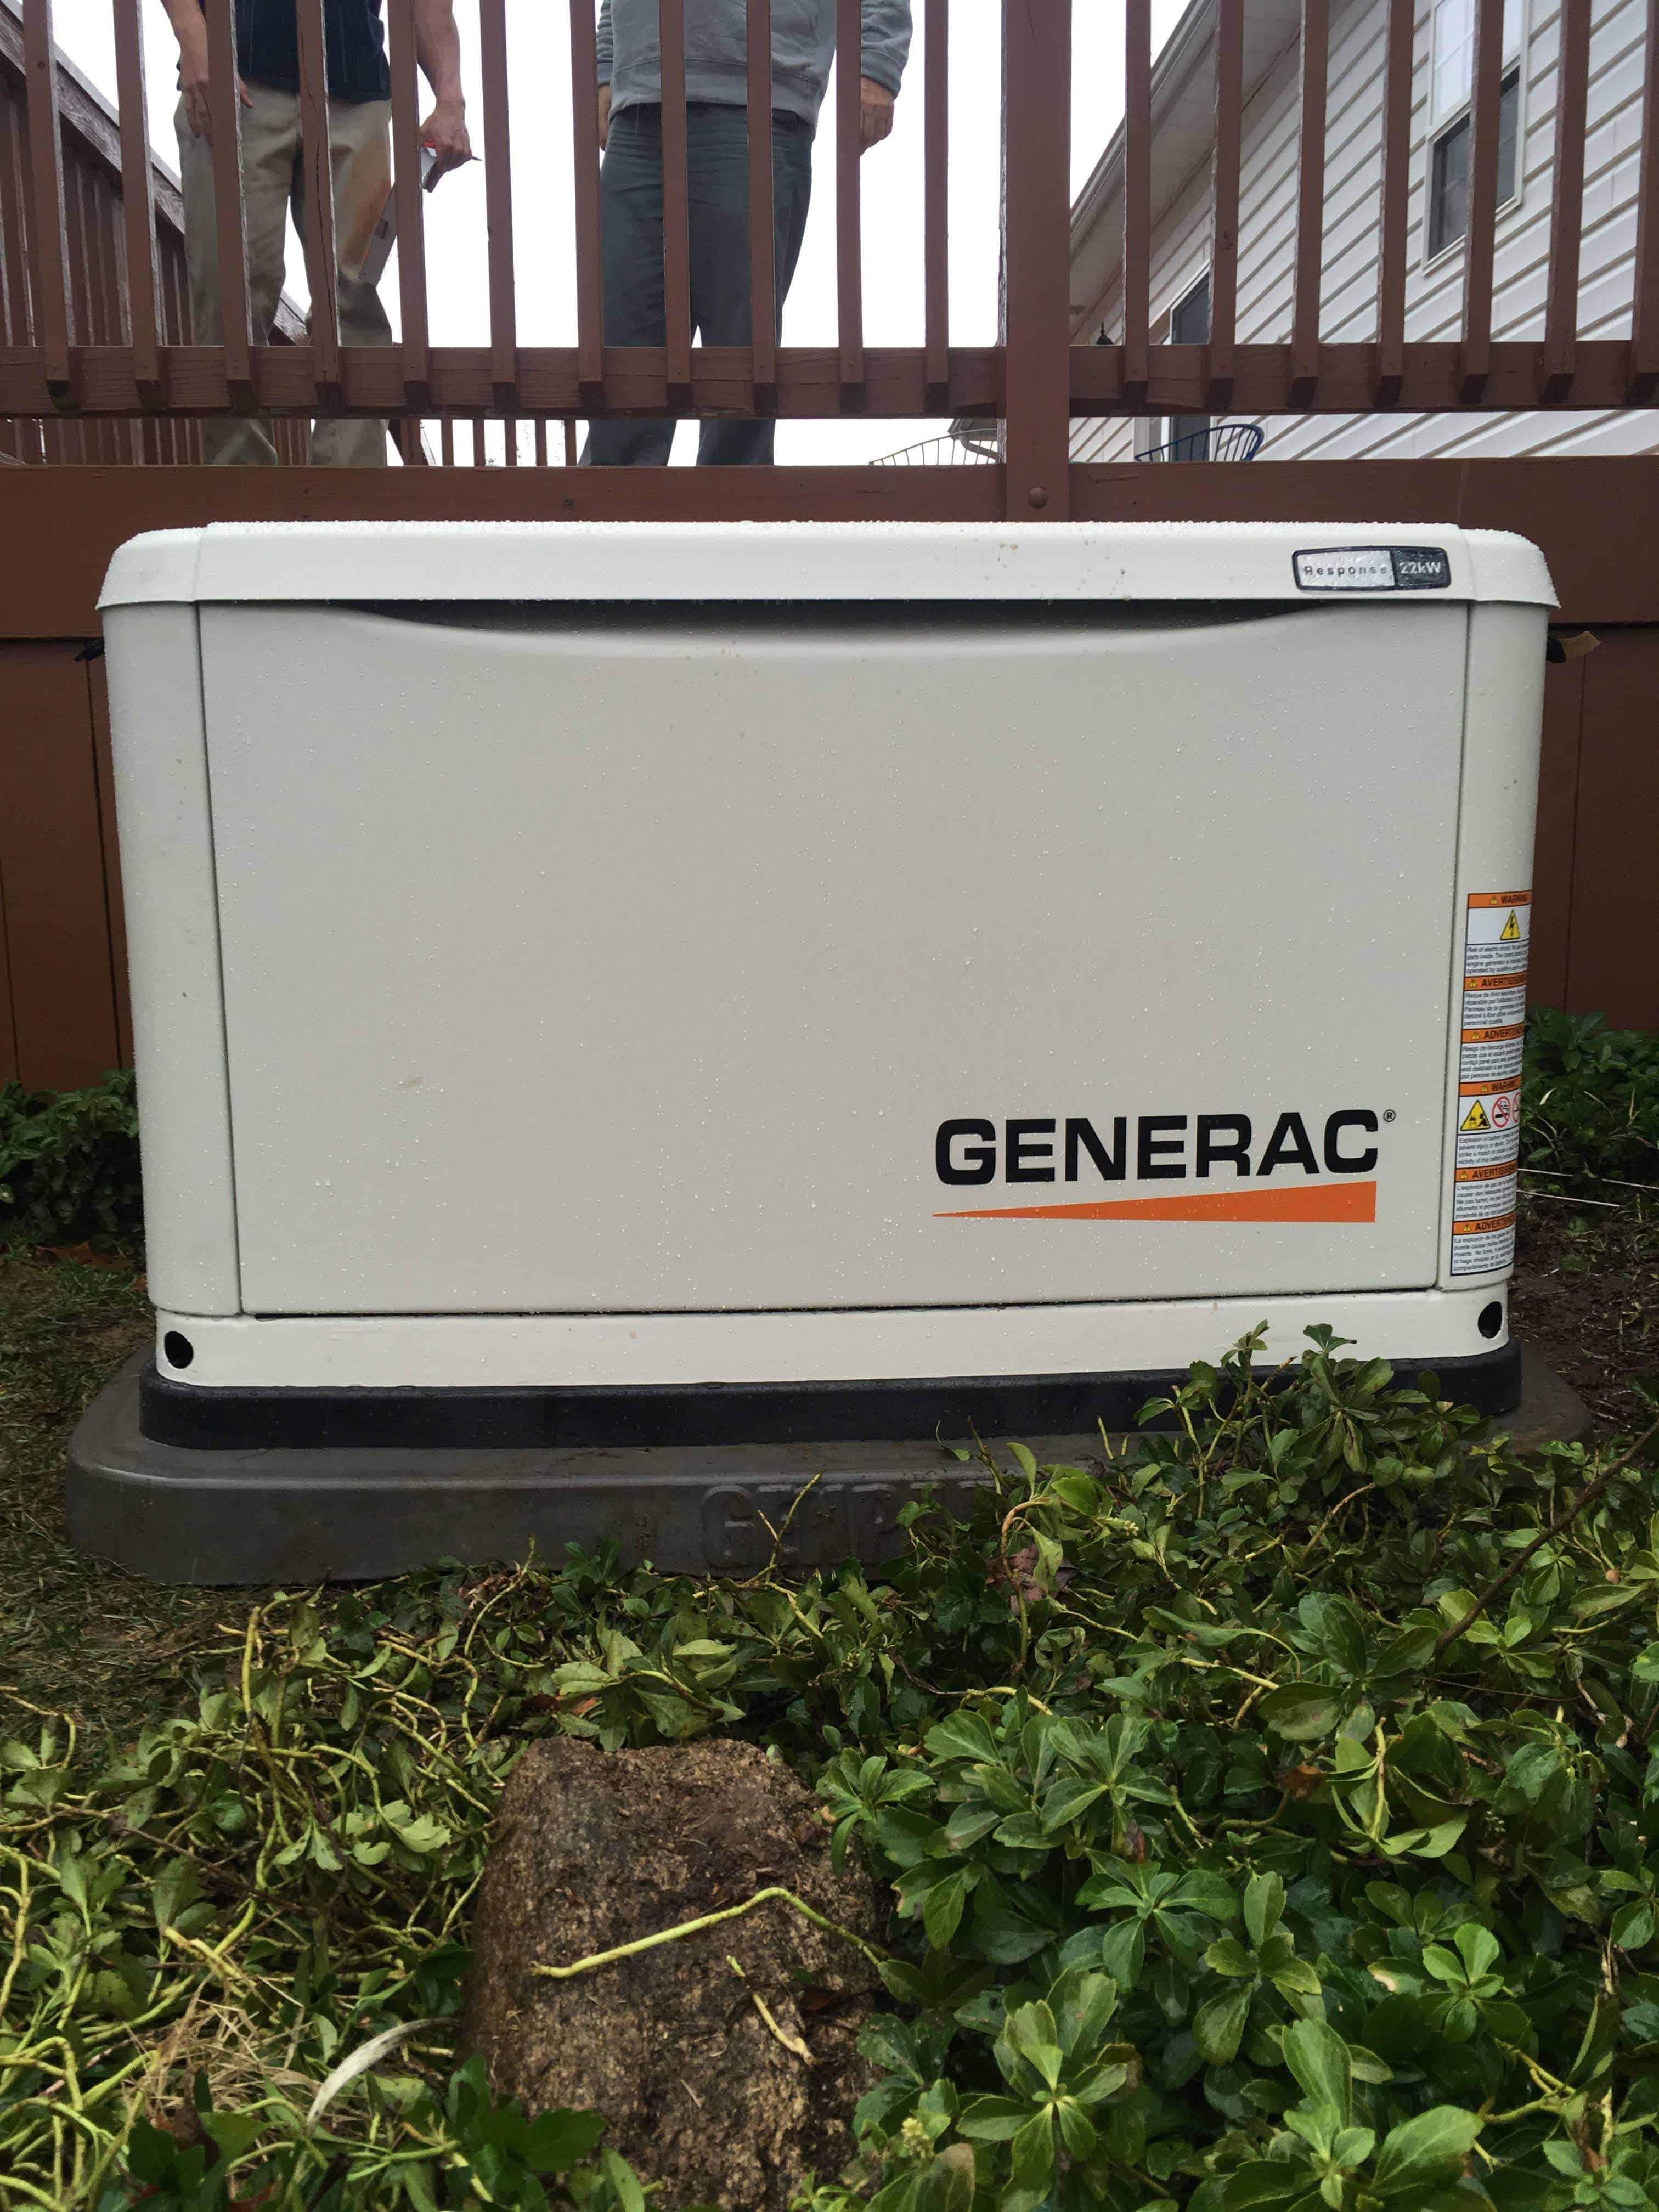 Generac Generator Lunenburg